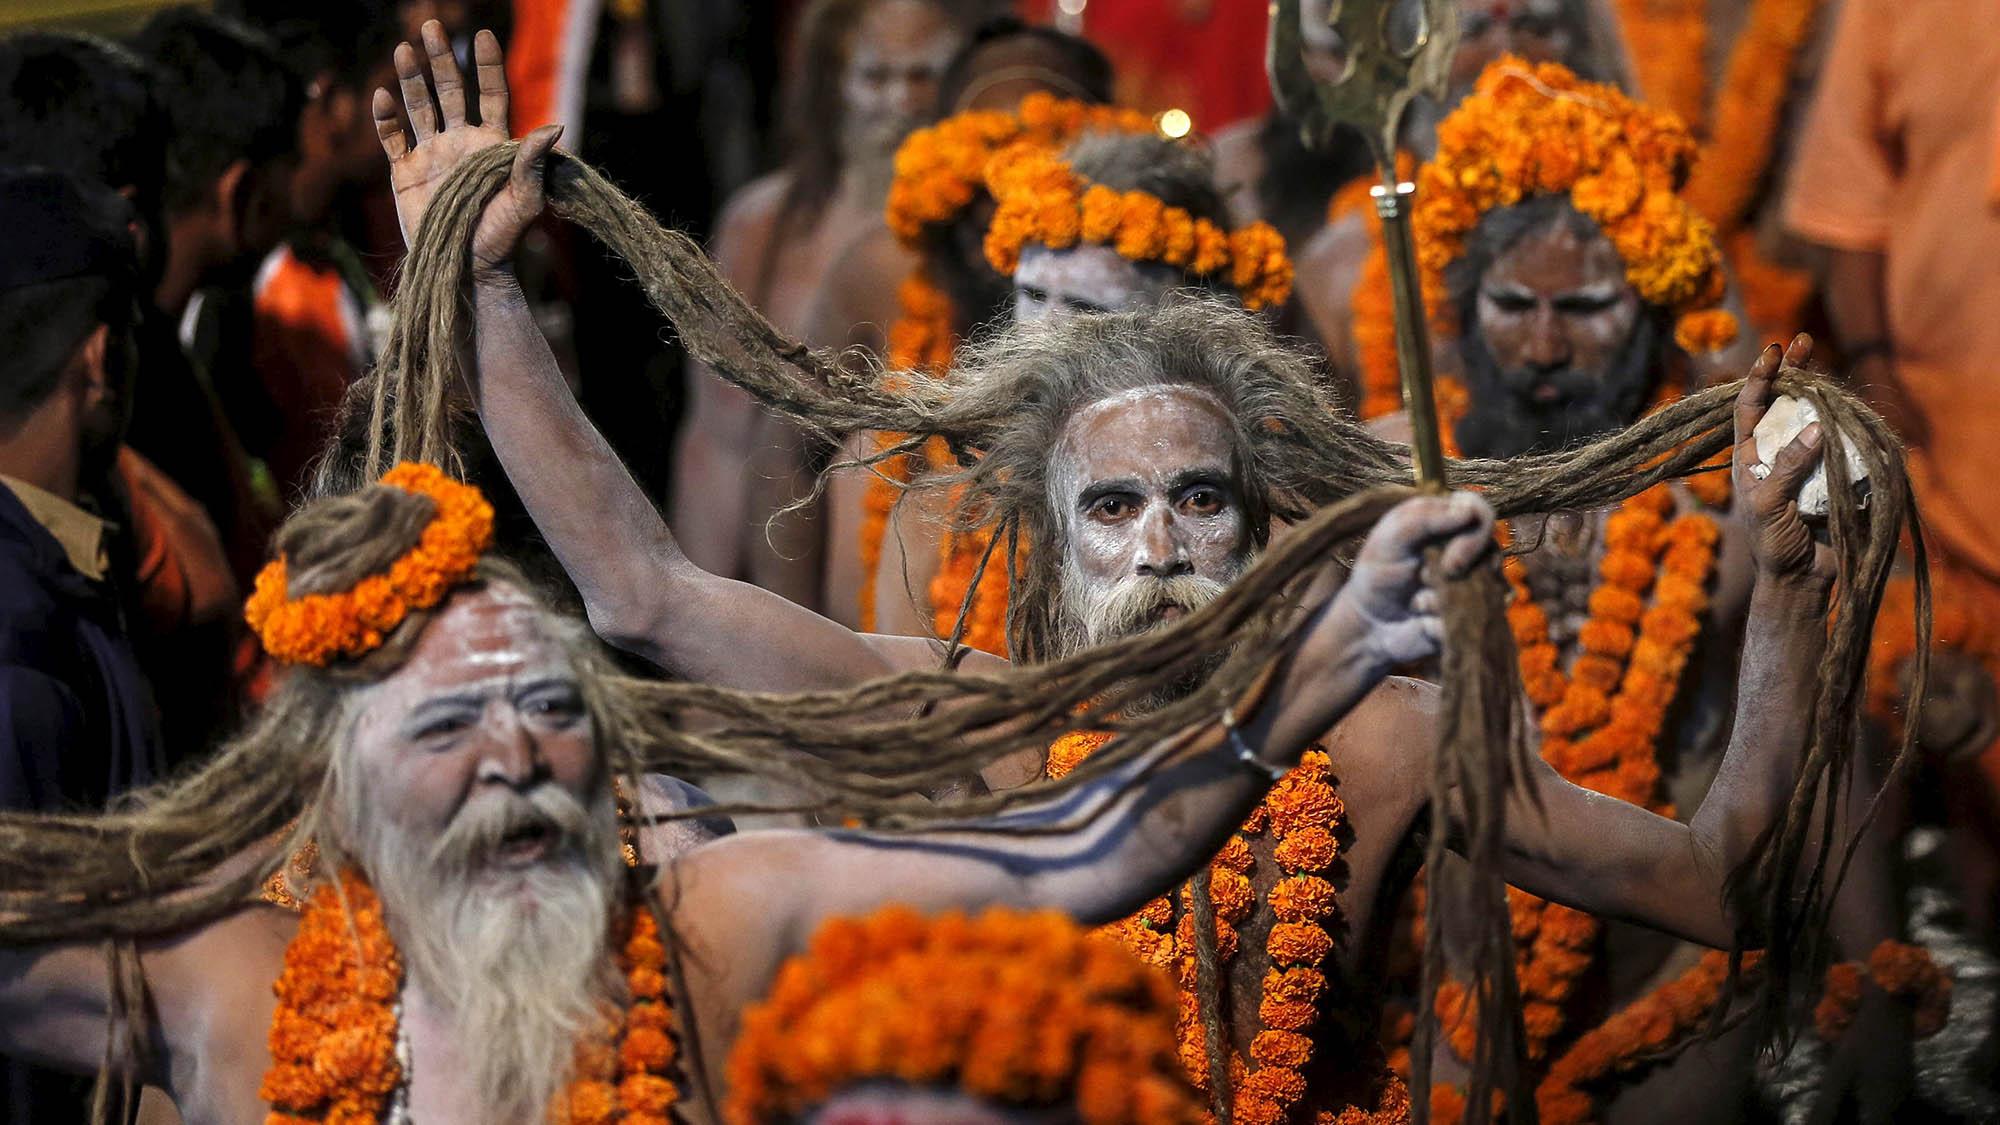 Kumbh Mela Stunning photos of Indias festival of naked saints  Quartz